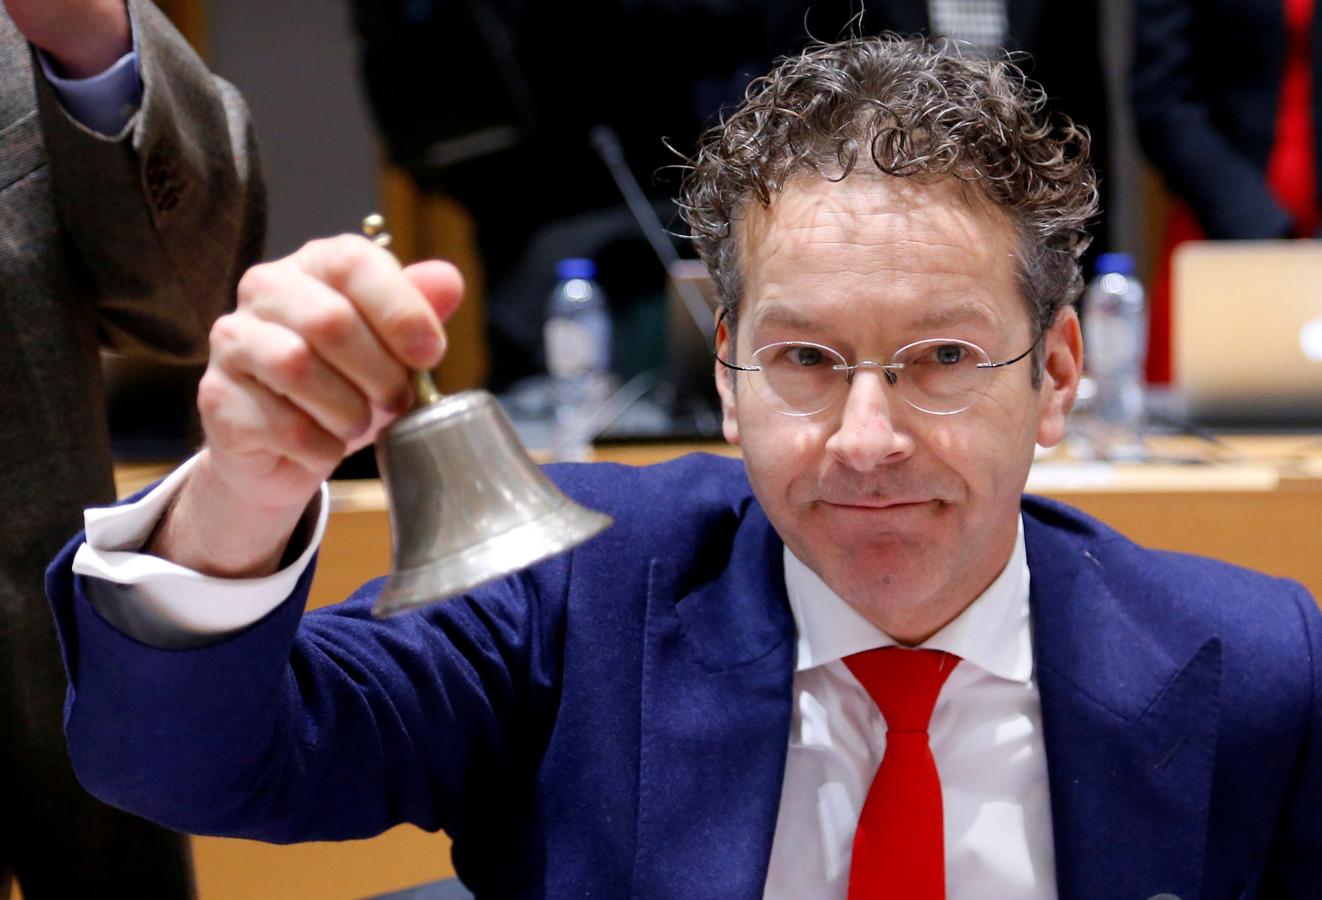 Voormalig minister van Financiën Jeroen Dijsselbloem maakt kans op het leiderschap van het Internationaal Monetair Fonds (IMF).